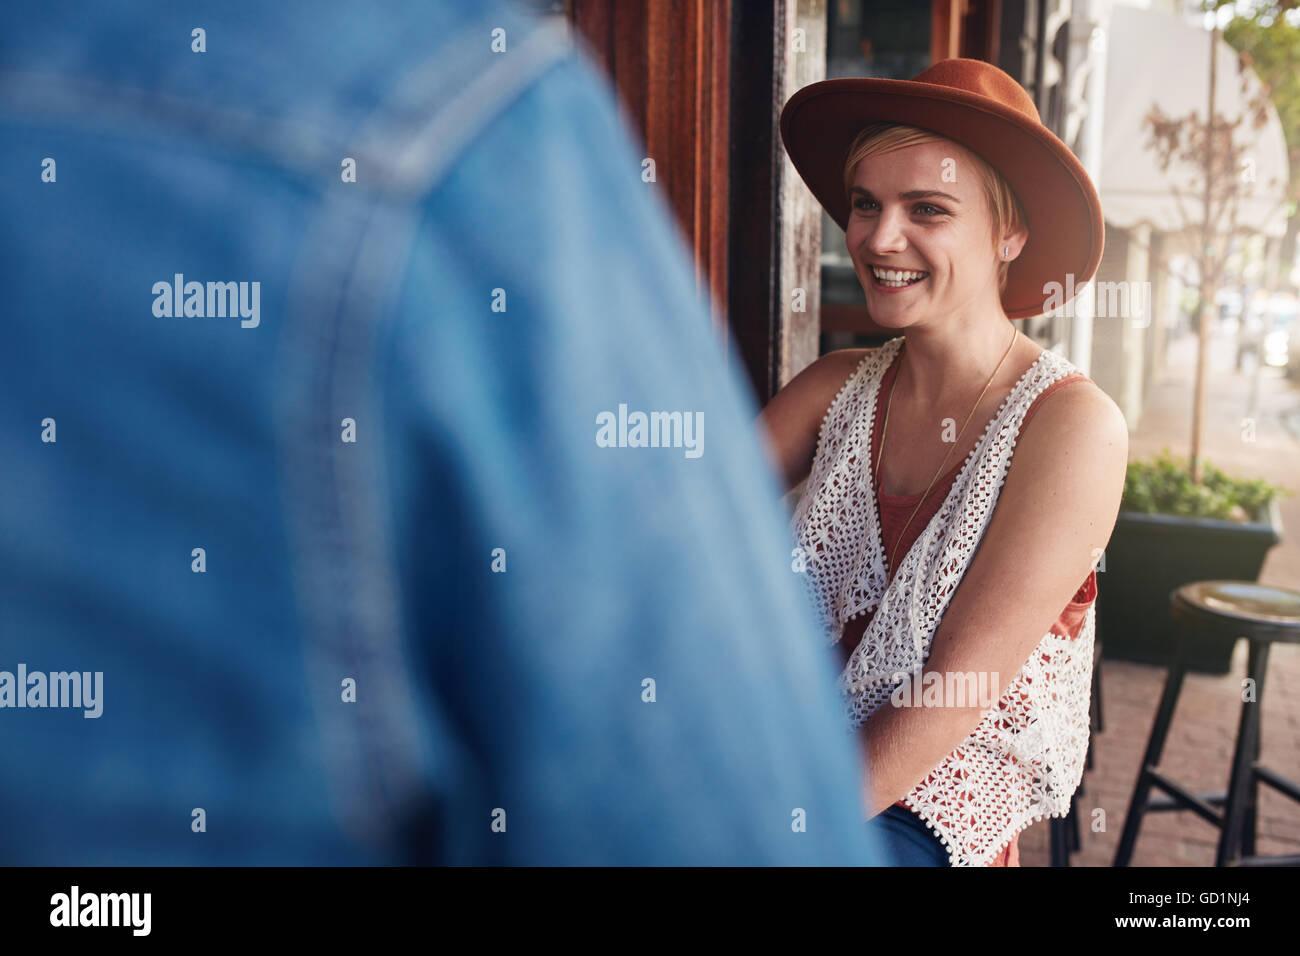 Sorridente giovane donna seduta a un coffee shop con il suo amico. I giovani seduti ad un tavolo del bar. Immagini Stock